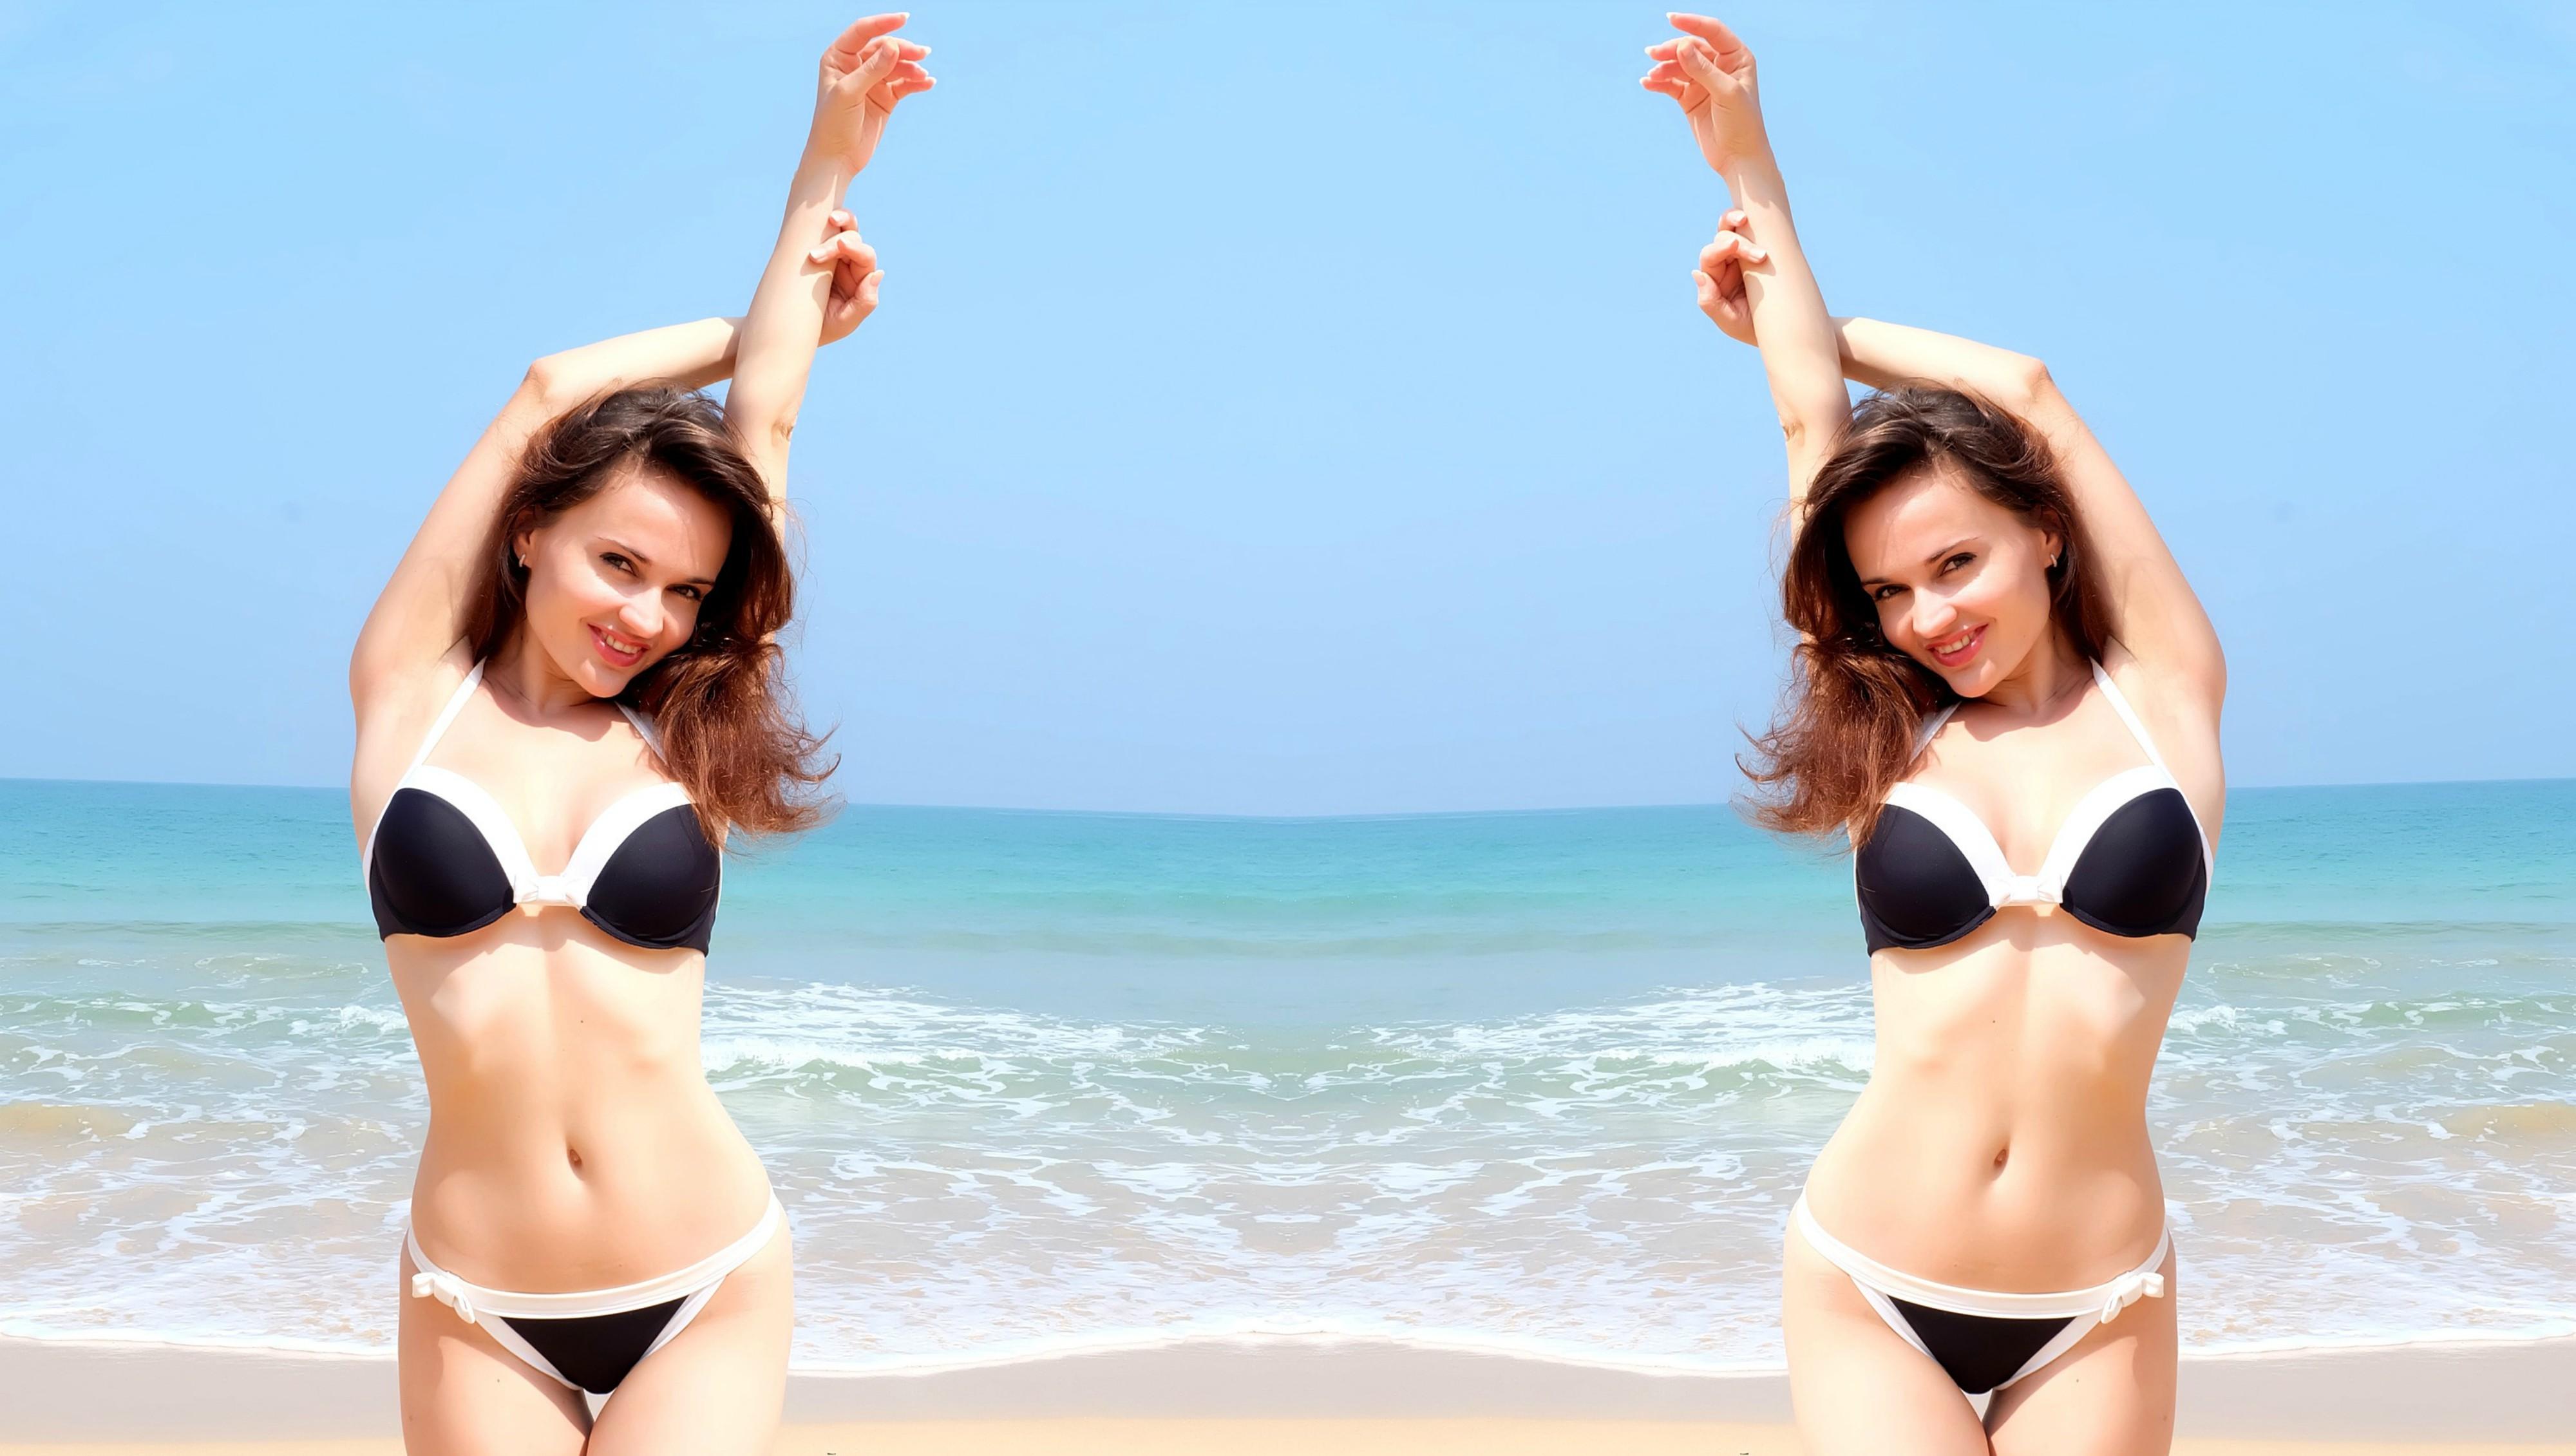 A bikiniszezon a nyakadon és az álom alakod még sehol sincs? Még nem késő formába hozni magad! Bemutatjuk a leghatékonyabb alakformálást, a PowerShape2 testkezelést a kiskőrösi Life Style E-Fit szalonban!